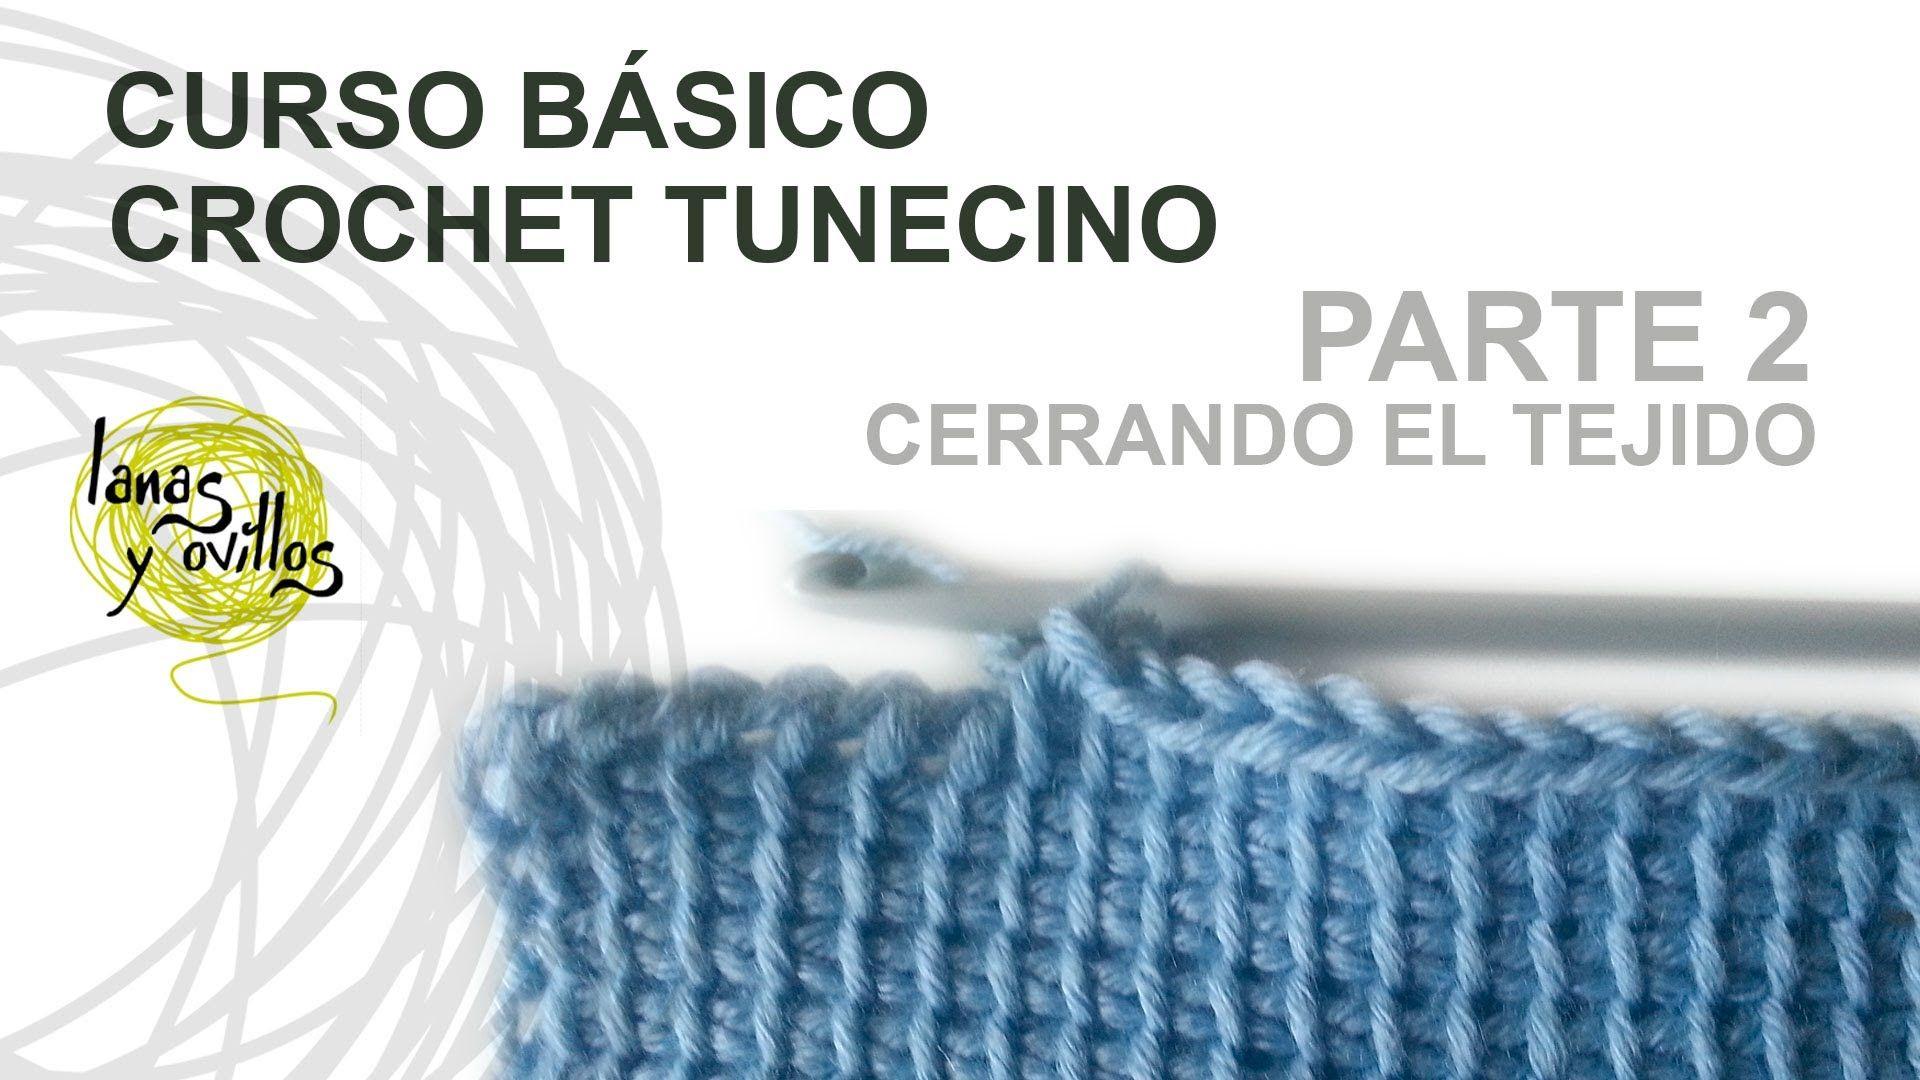 Curso Básico Crochet Tunecino: Parte 2 Cerrar el tejido | Tunecino ...